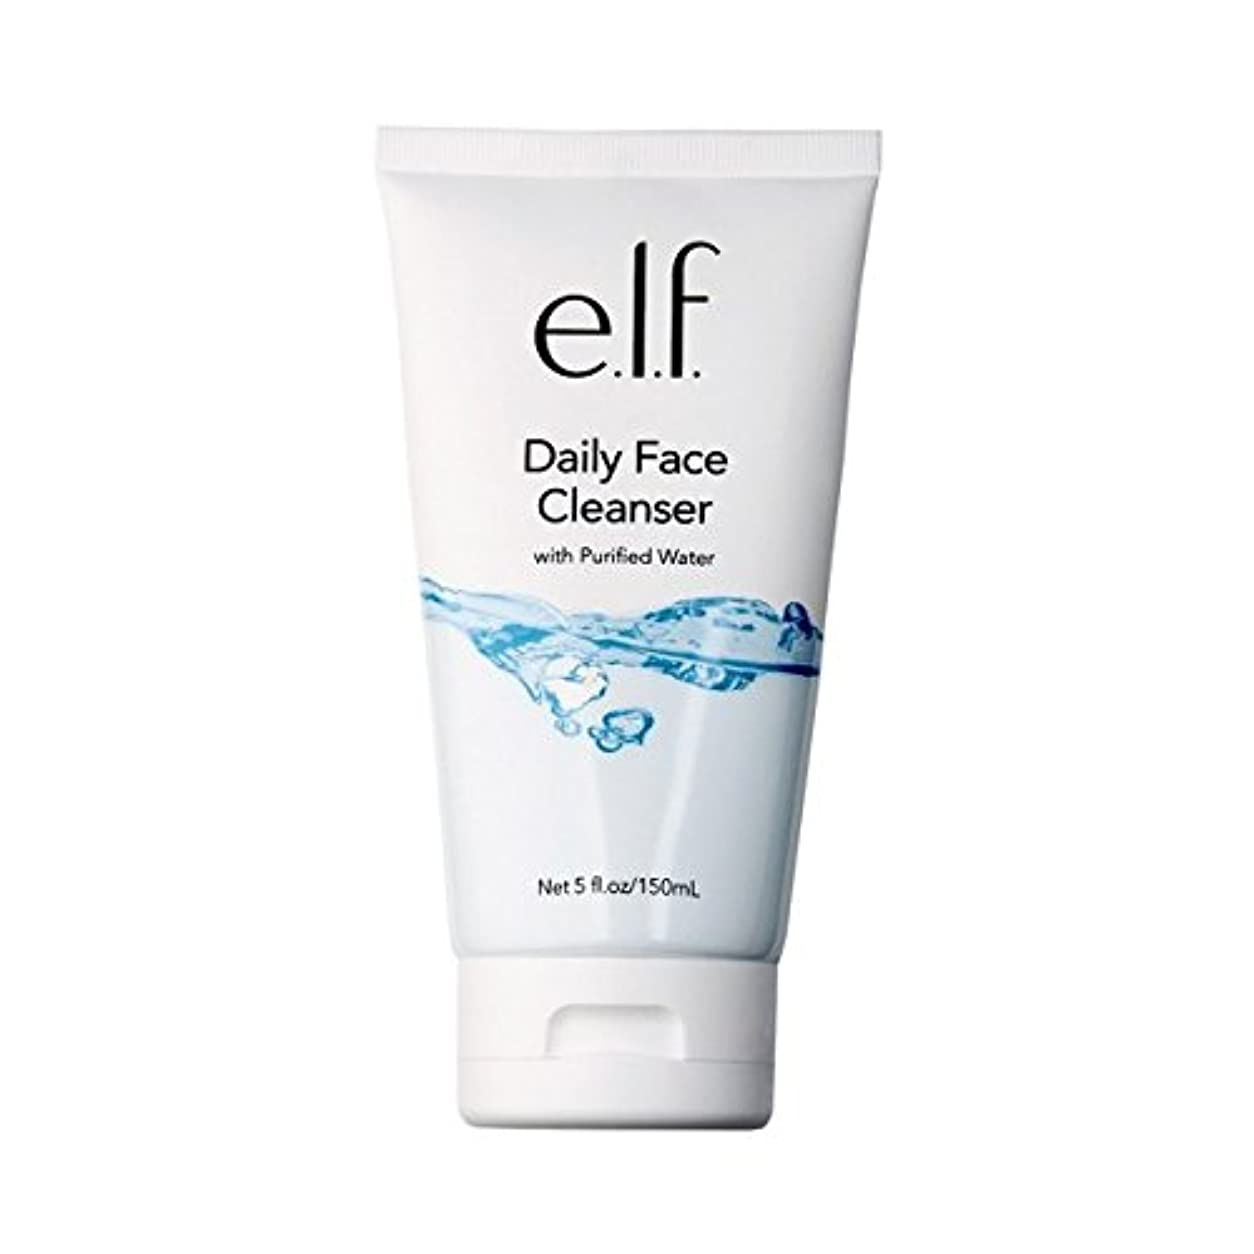 容疑者バイオリニスト然とした(6 Pack) e.l.f. Daily Face Cleanser (並行輸入品)